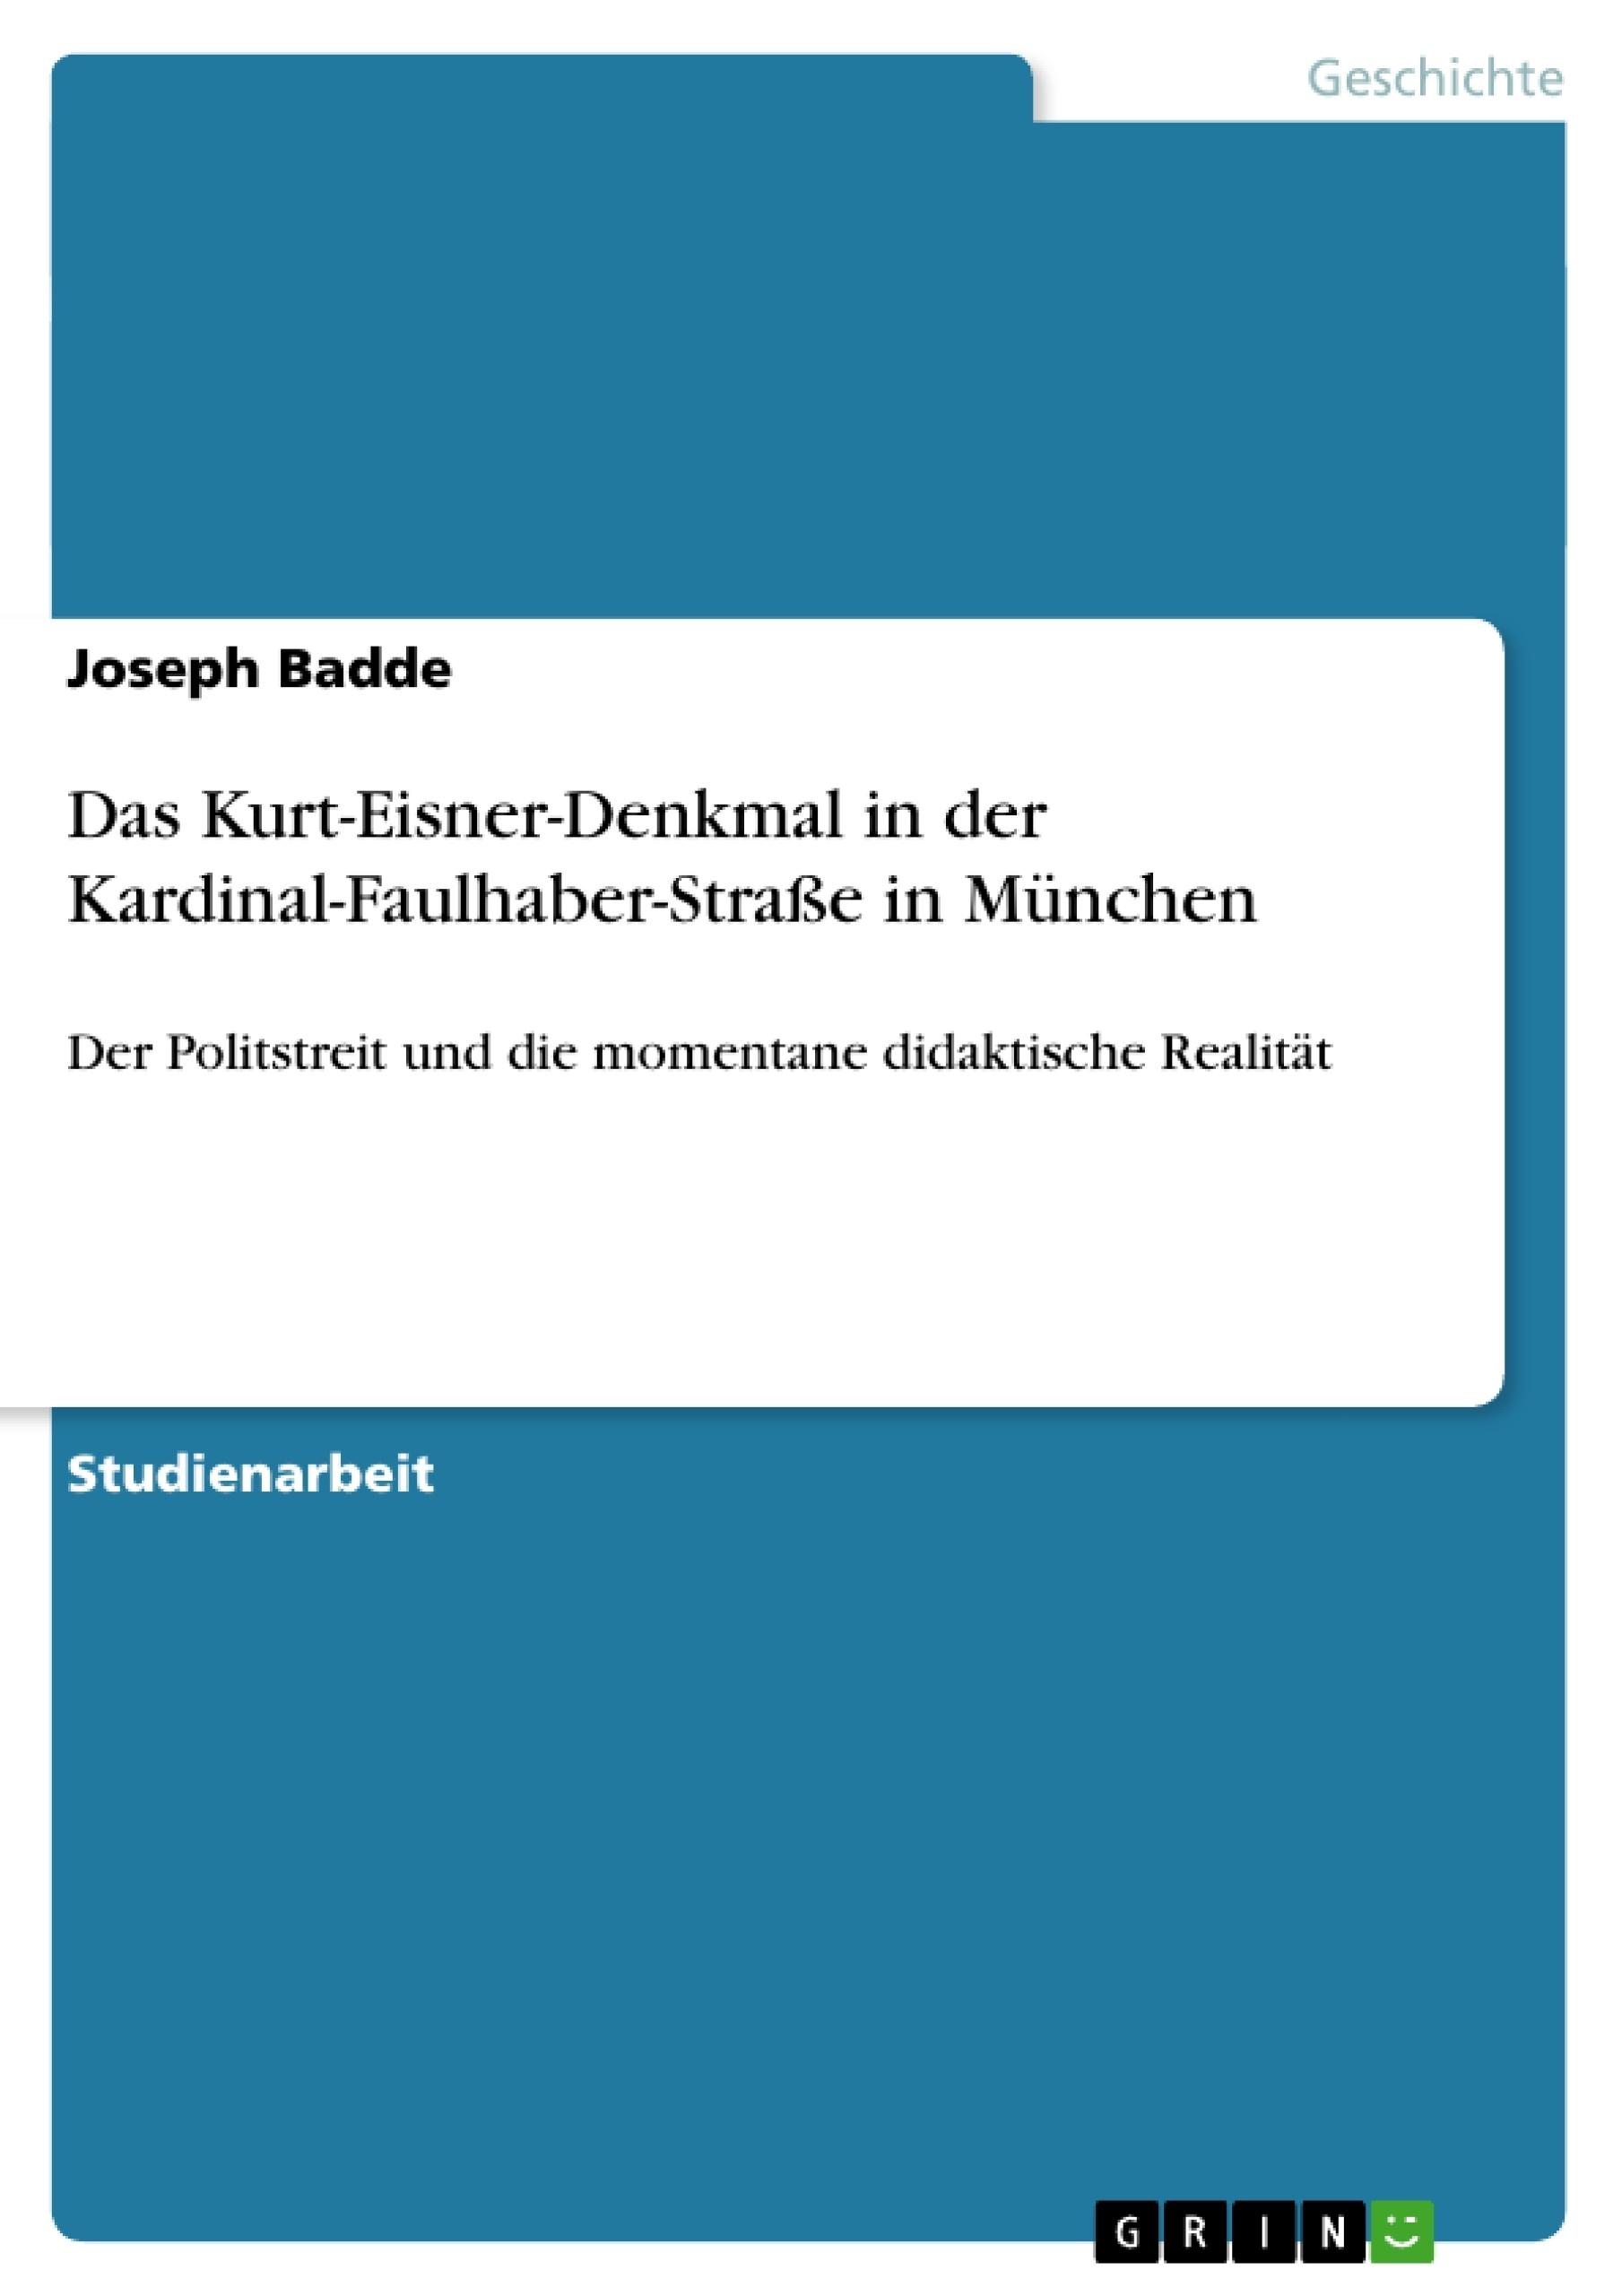 Titel: Das Kurt-Eisner-Denkmal in der Kardinal-Faulhaber-Straße in München